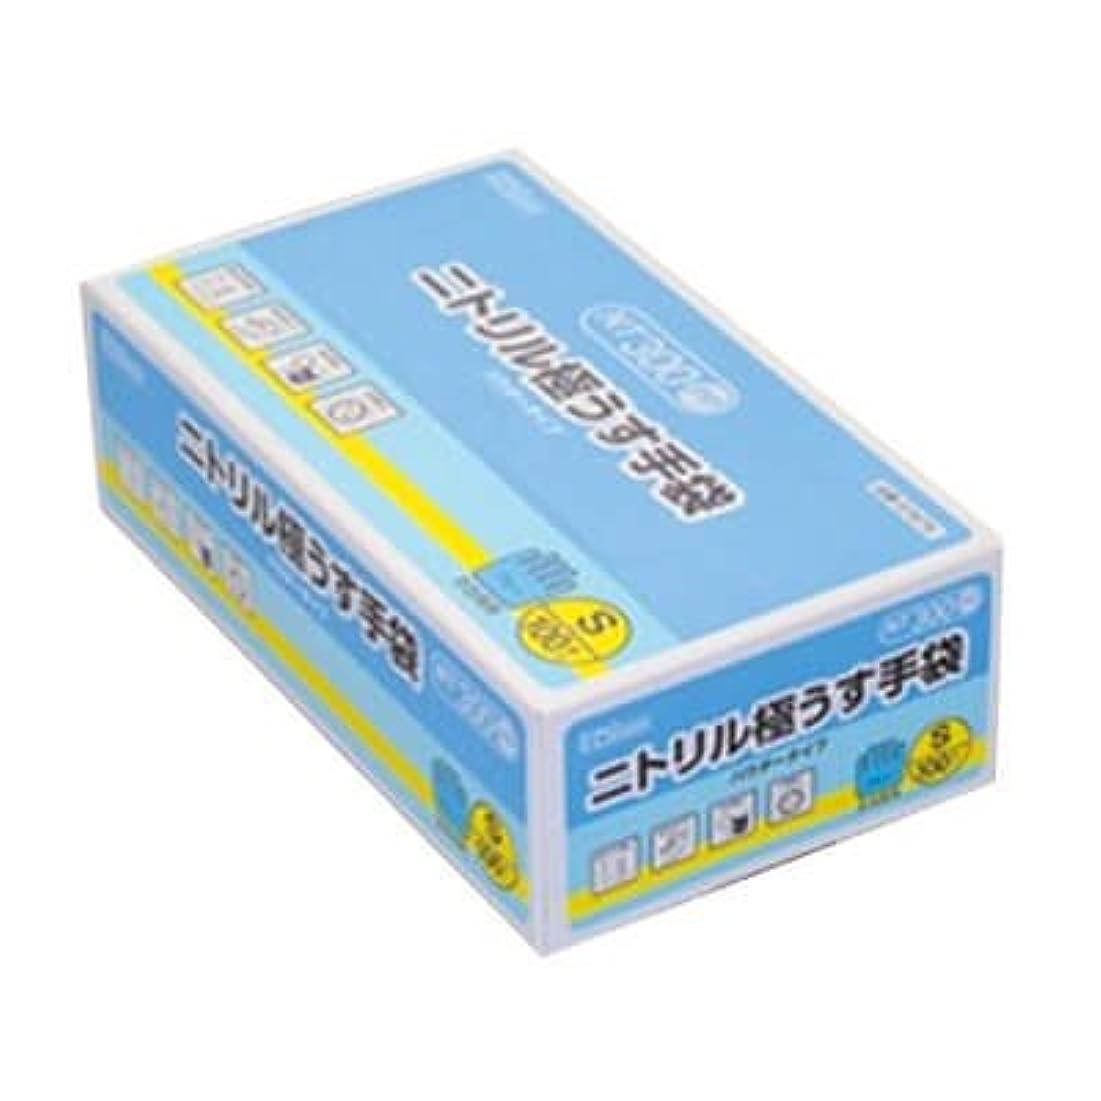 壁紙あえてサイバースペース【ケース販売】 ダンロップ ニトリル極うす手袋 粉付 S ブルー NT-300 (100枚入×20箱)